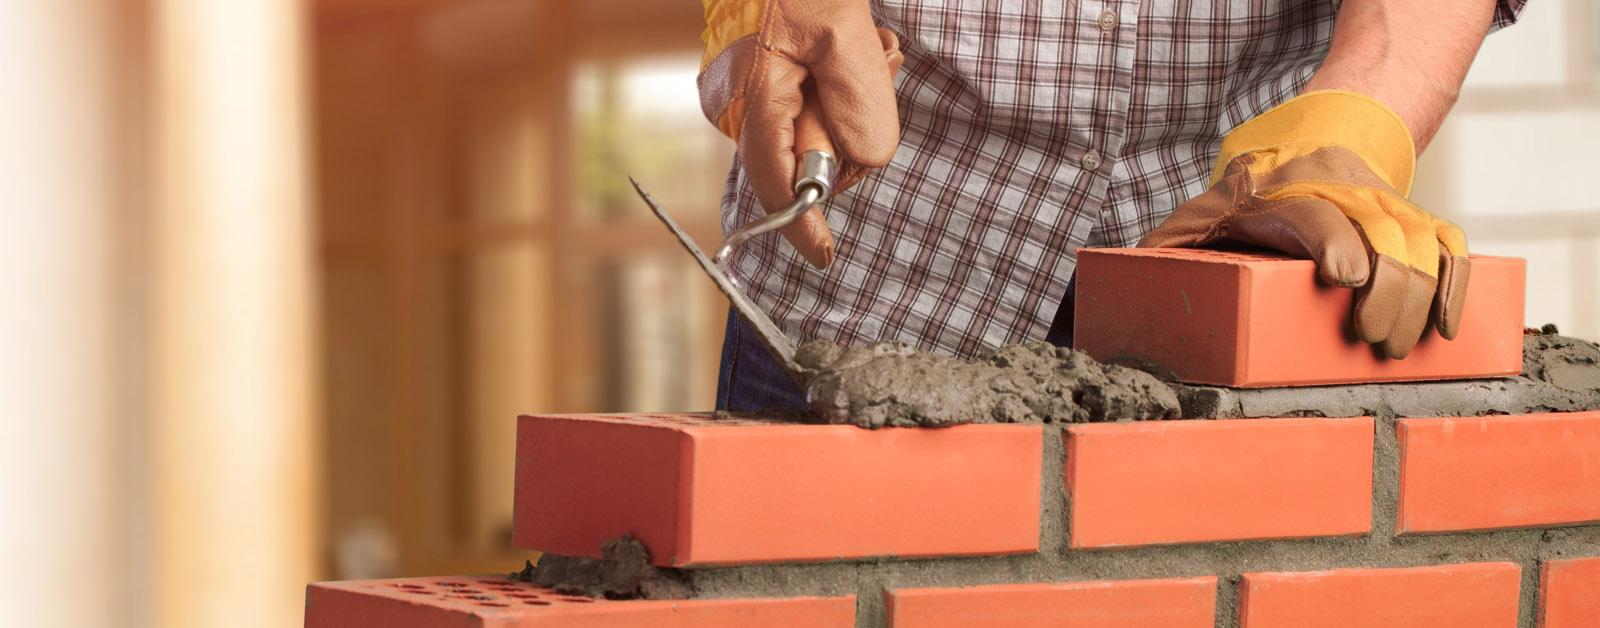 Meisterbetrieb des Bauhandwerks